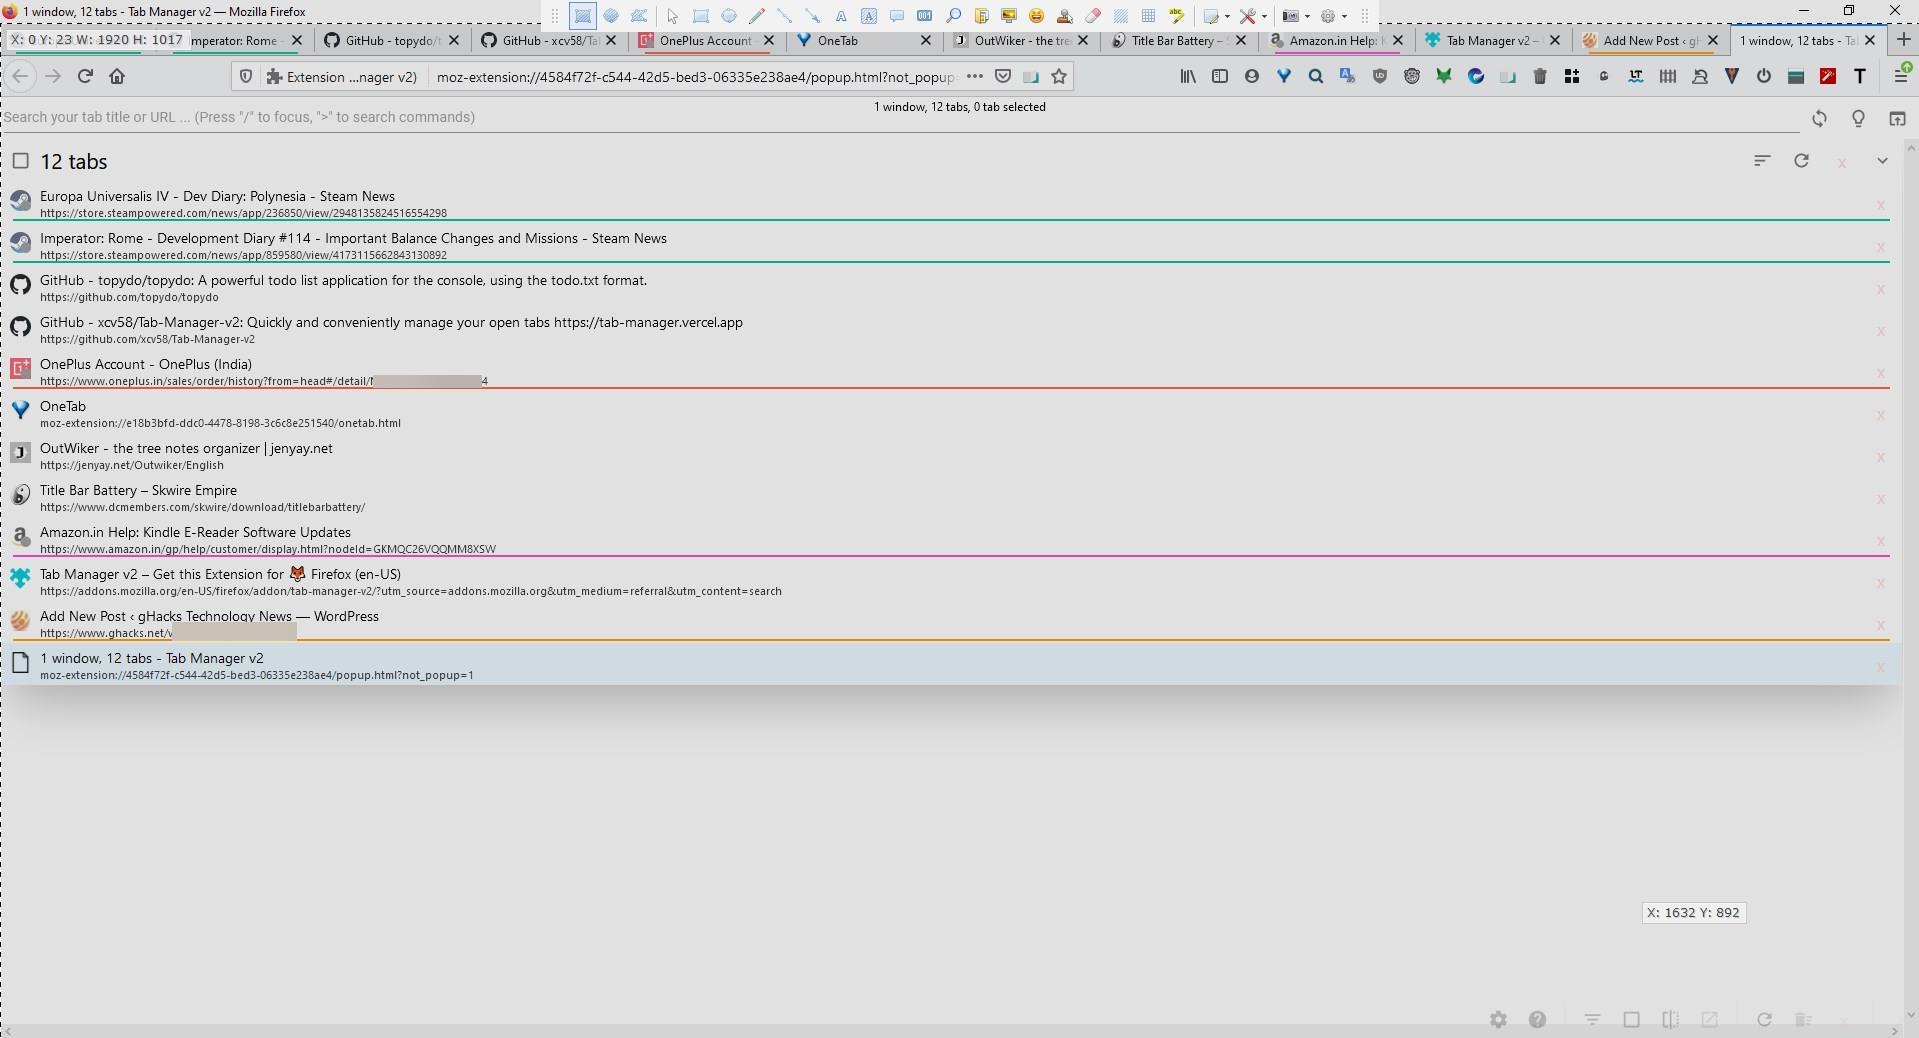 Busque y administre pestañas desde múltiples ventanas con facilidad usando Tab Manager V2 para Firefox y Chrome